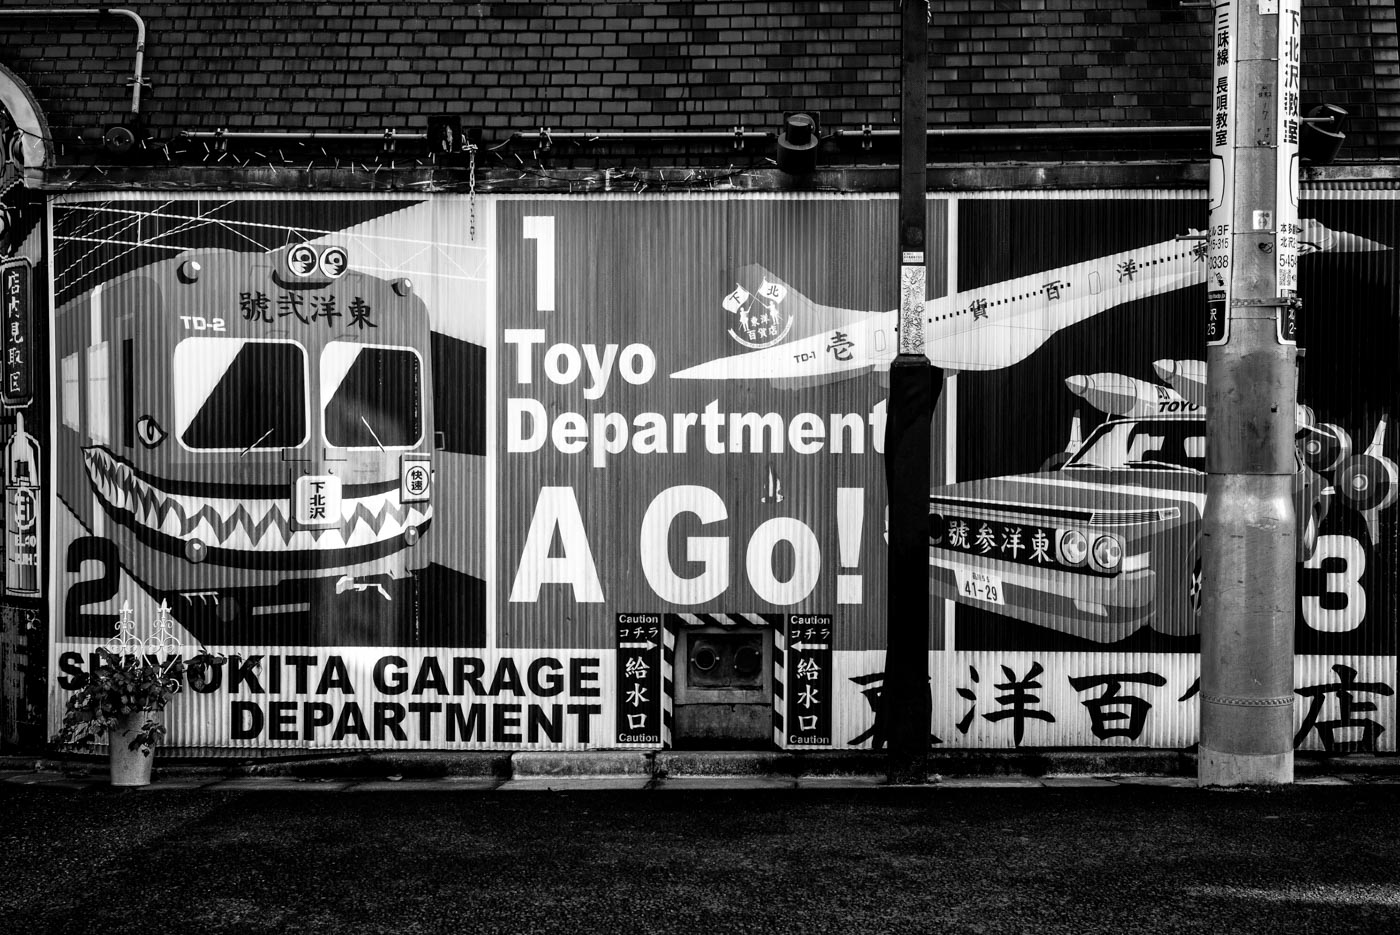 Tokyo Department A Go